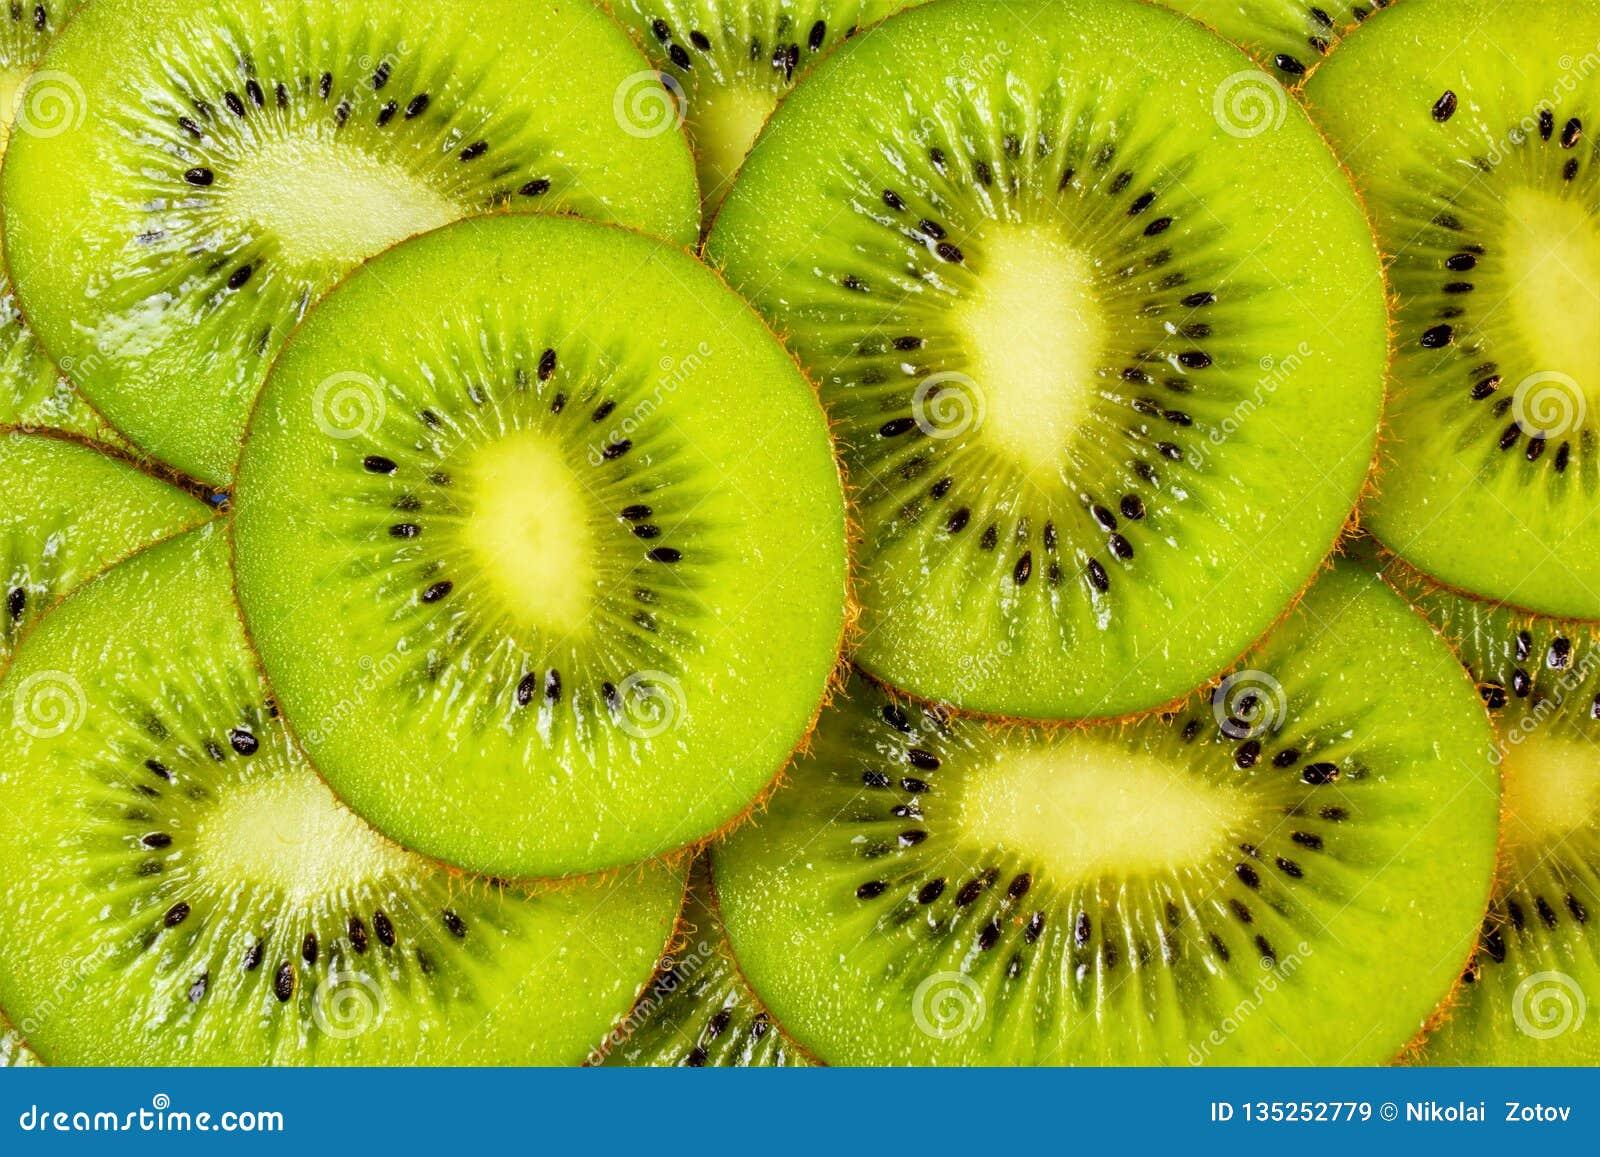 Bes van de kiwi is de nuttige delicatesse gegeten vers, rijp groen of geel vlees, gebruikt voor de voorbereiding van marinades, s